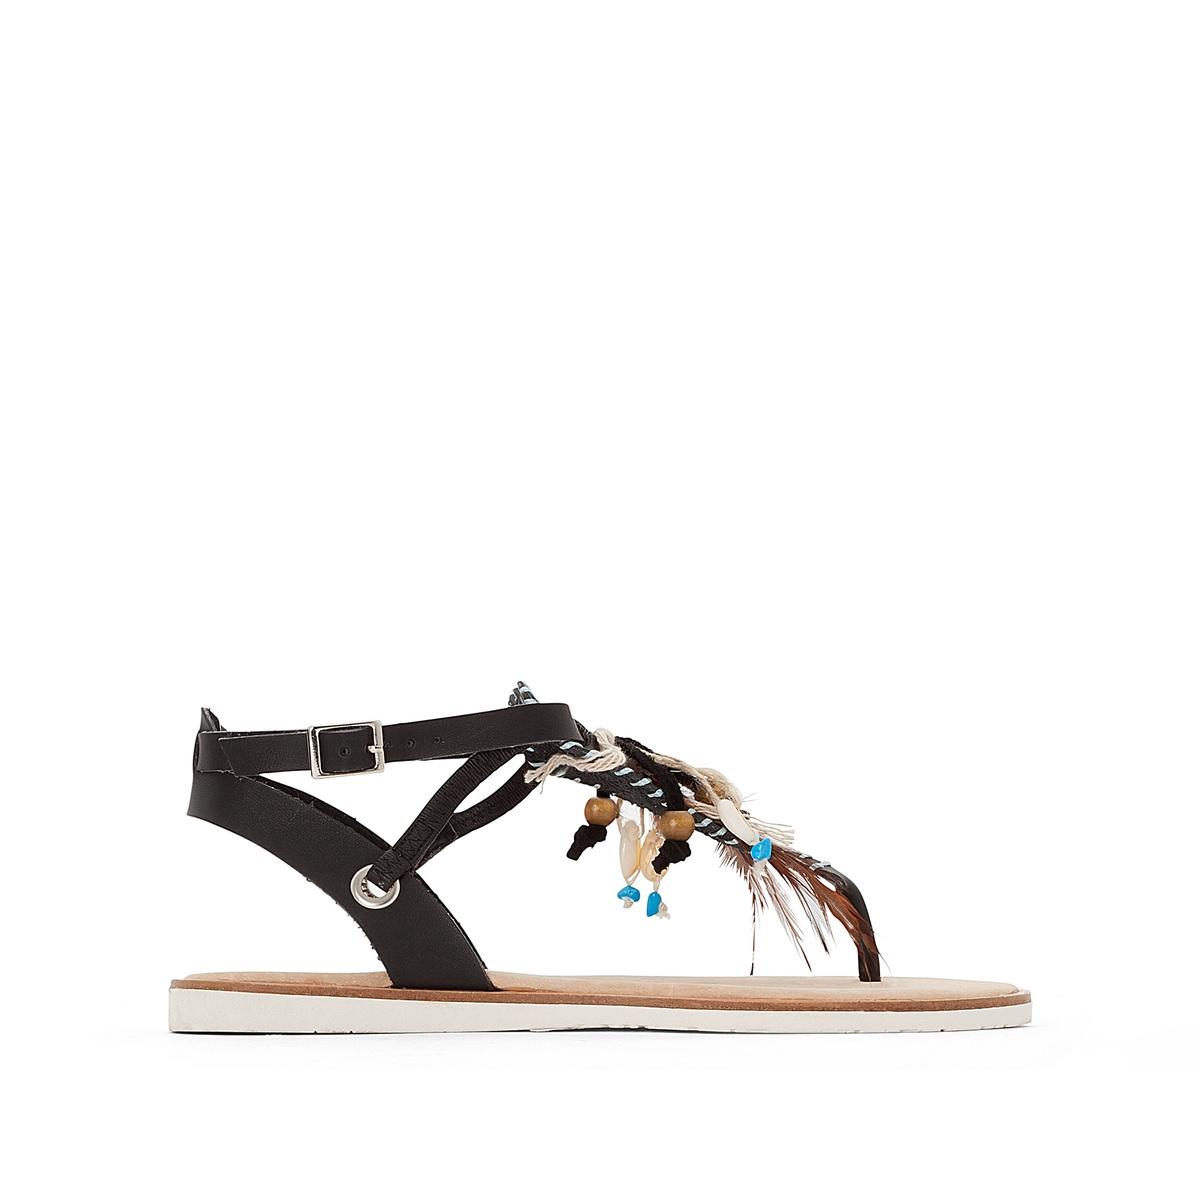 Босоножки HonoluluВерх/Голенище : синтетика Стелька : кожа  Подошва : каучук   Форма каблука : плоский каблук  Мысок : закругленный мысок  Застежка : пряжка<br><br>Цвет: каштановый,черный